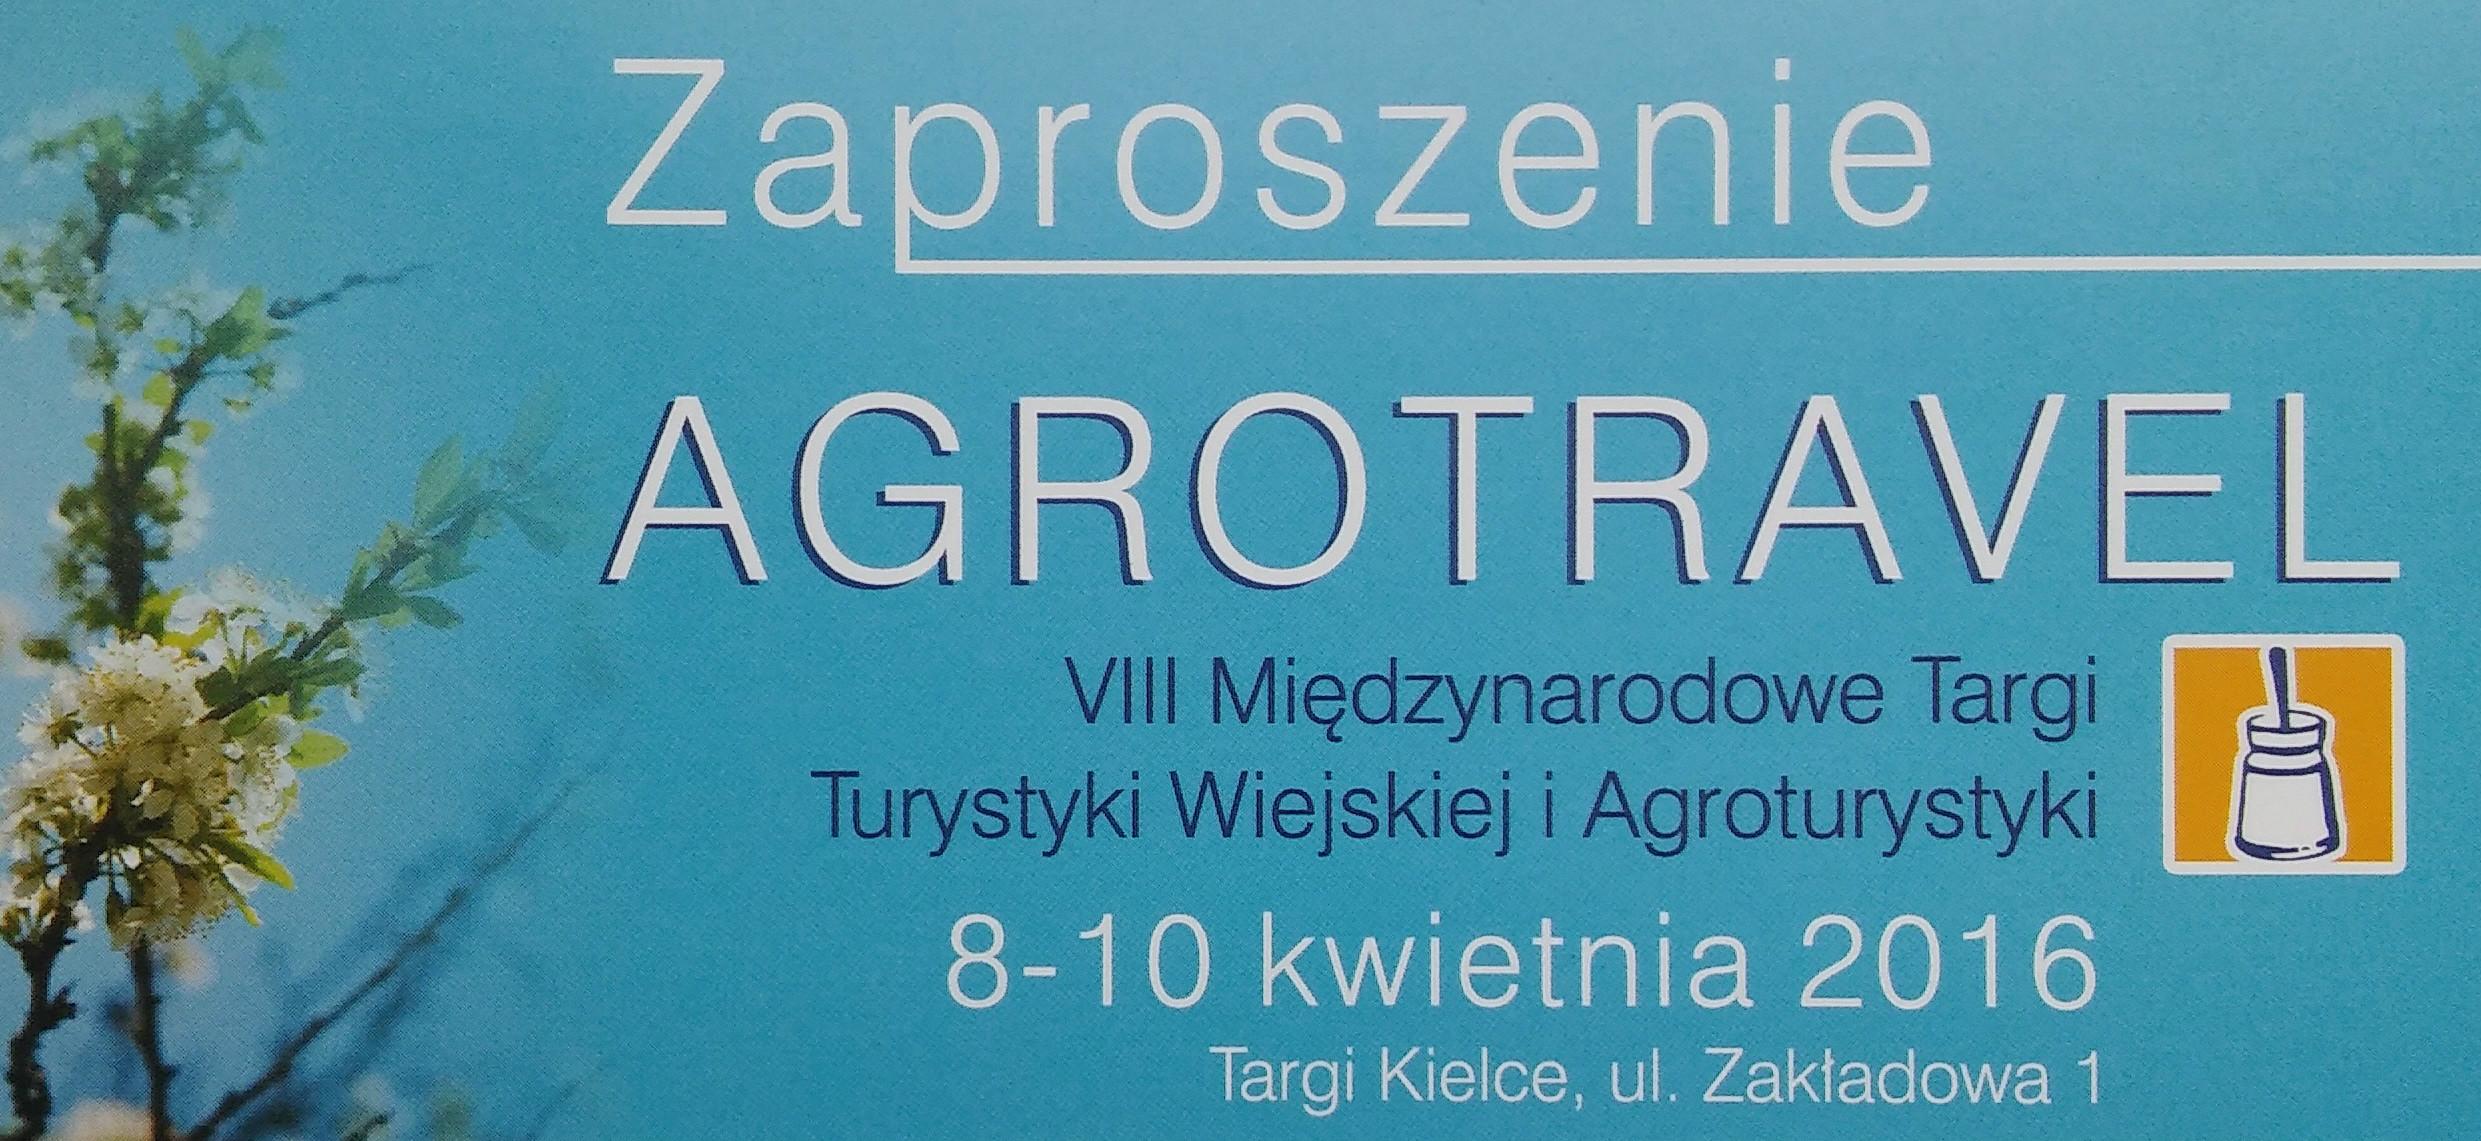 ZAPRASZAMY NA VIII MIĘDZYNARODOWE TARGI AGROTRAVEL KIELCE 2016!!!